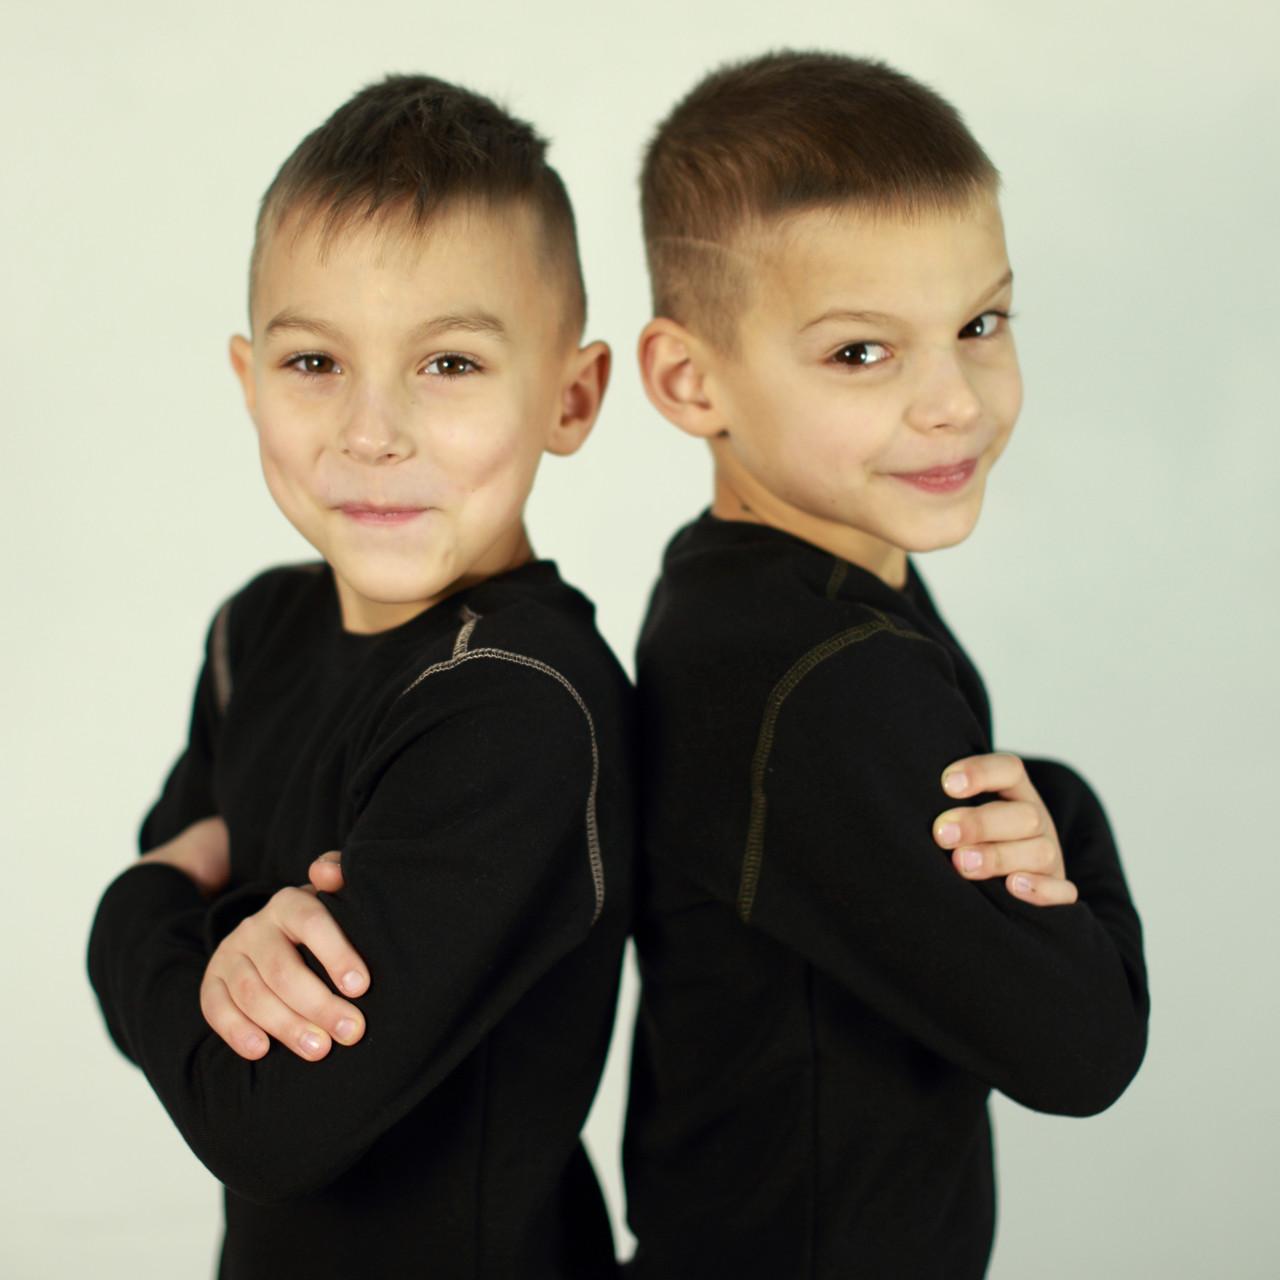 Детский поддевочный костюм для мальчика Детское термобелье (поддева) Капучино| Поддевочний костюм для хлопчика